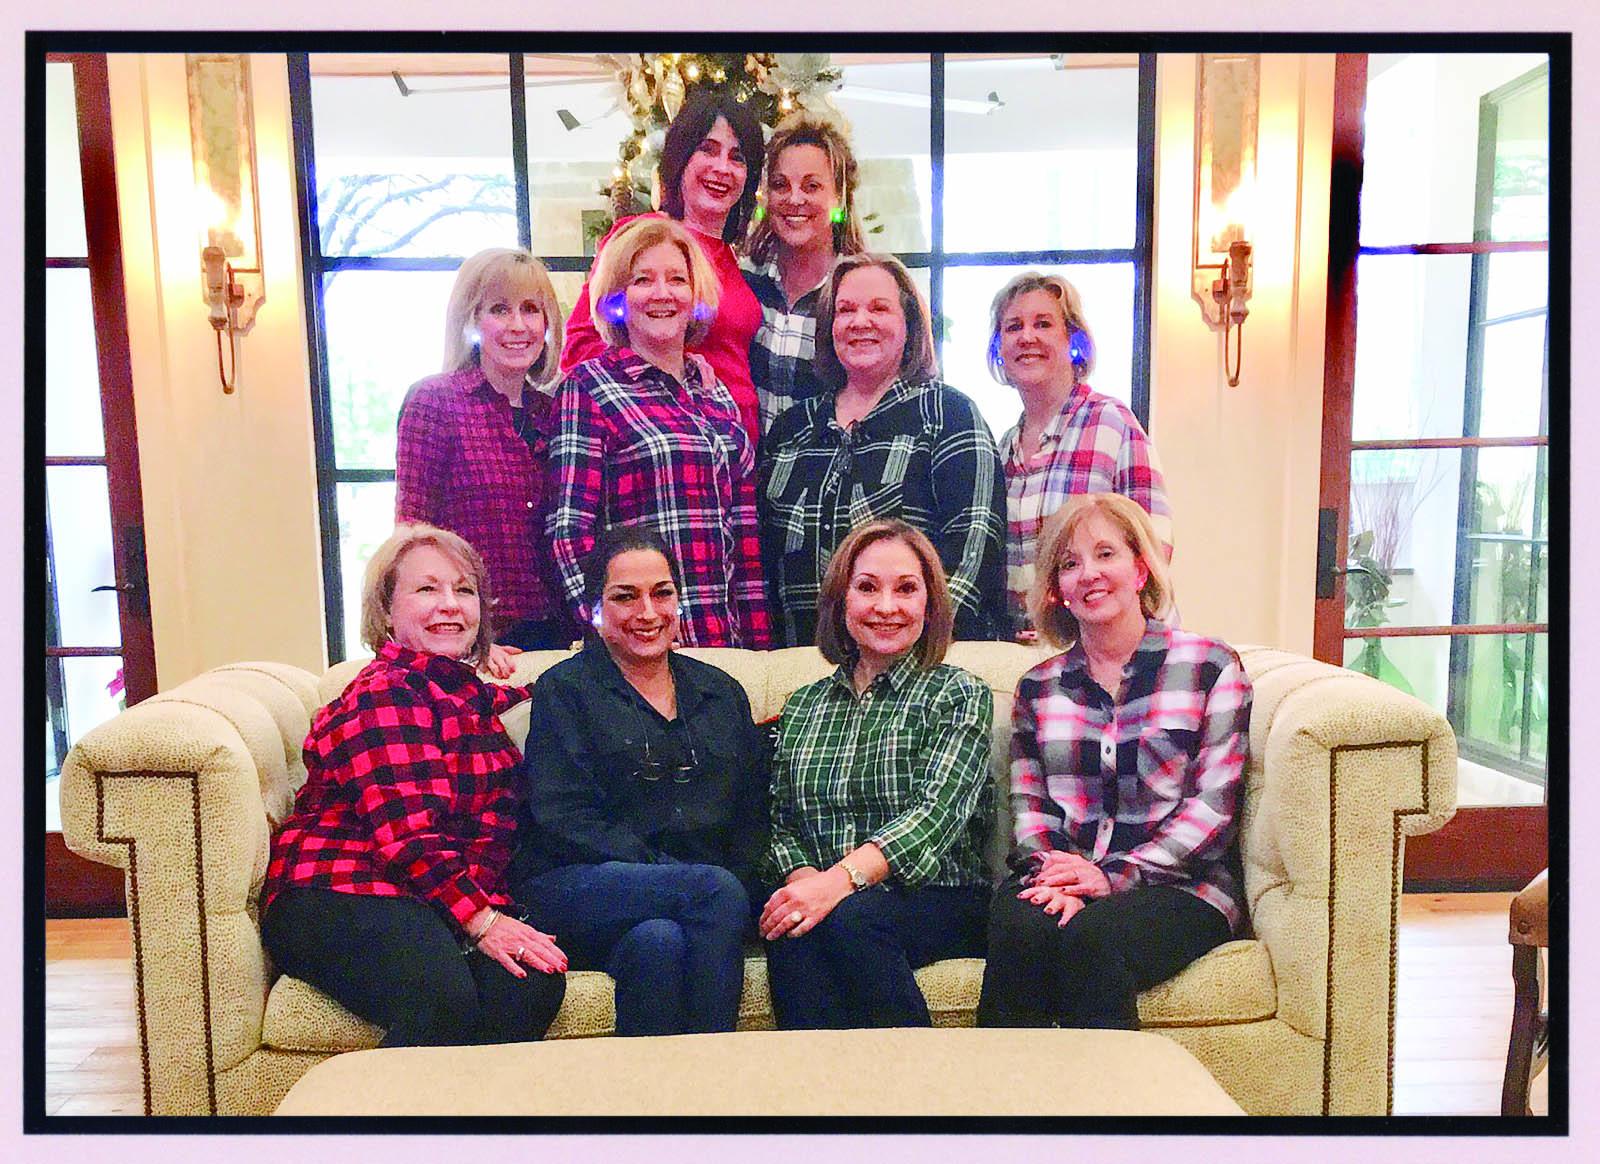 On December 20, 2018, Bunco members enjoyed celebrating the Christmas season at Karen Schmidt's home.